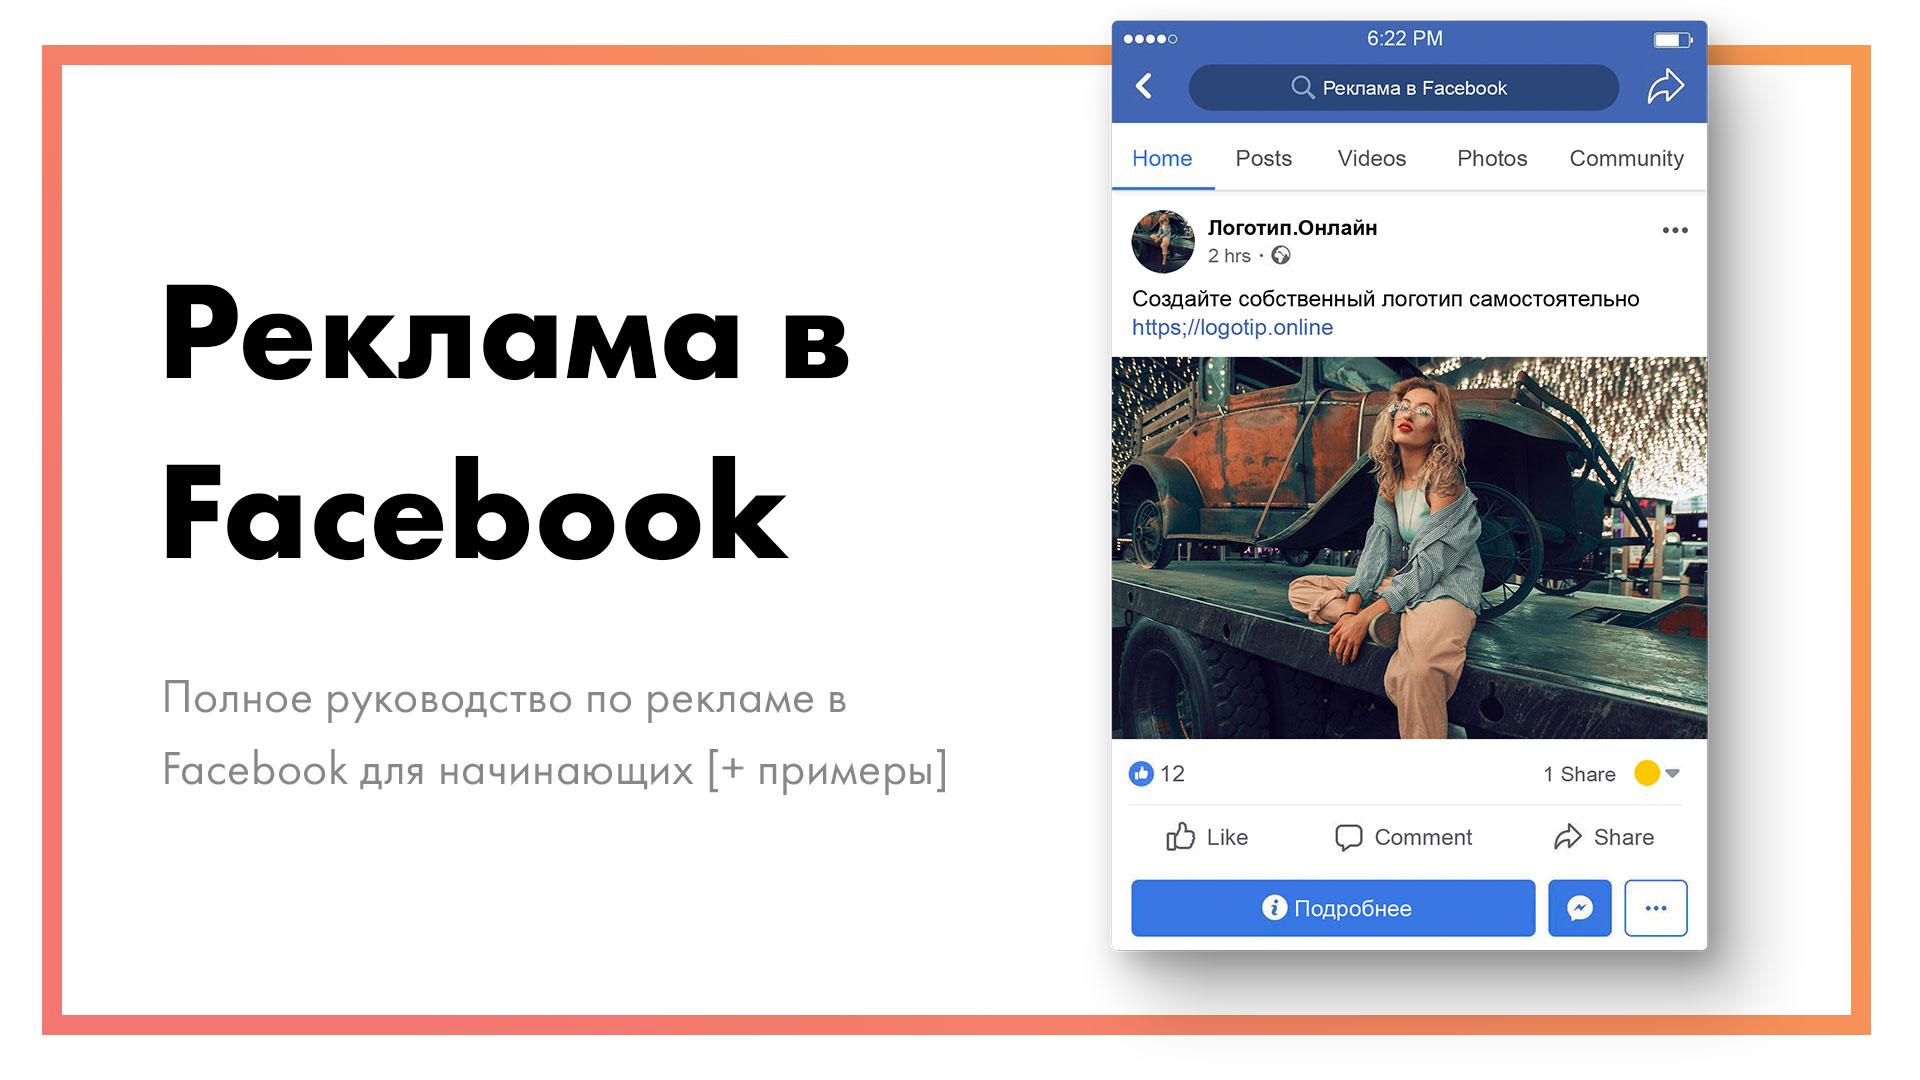 Реклама-в-Facebook---полное-руководство-для-начинающих-[+-примеры].jpg